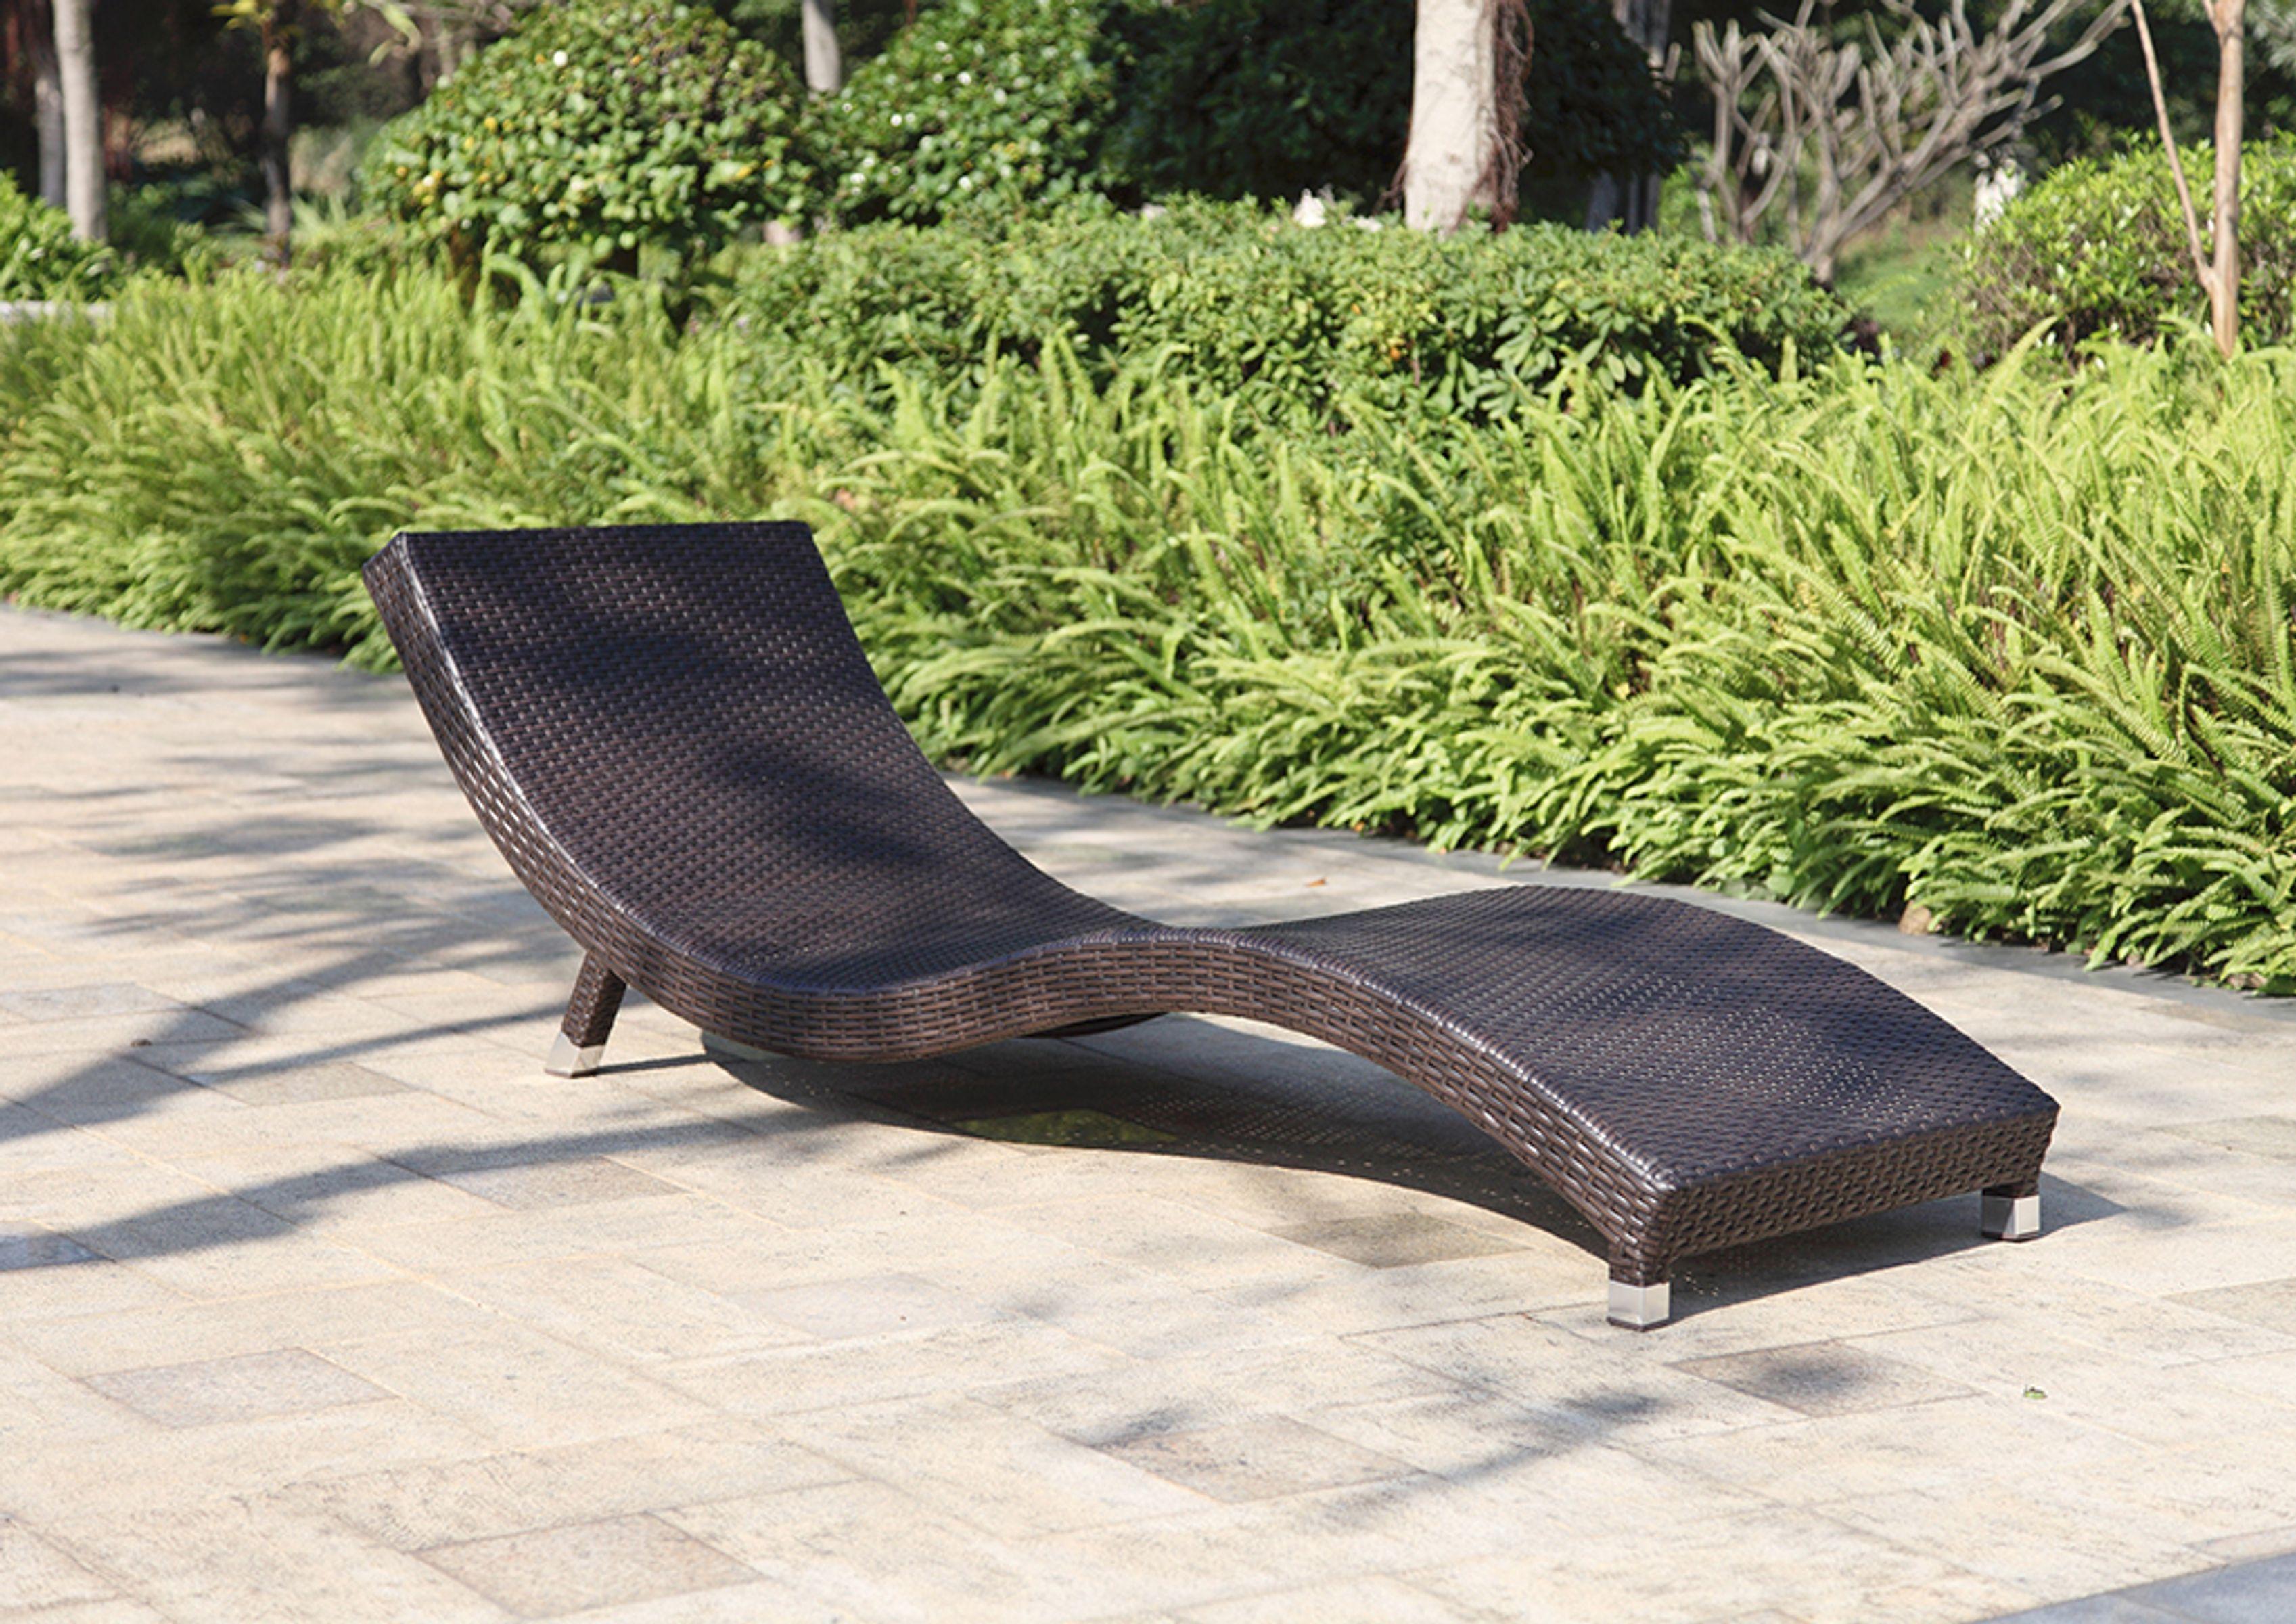 Sonnenliege Gartenliege Relaxliege Liegestuhl Garten Terrasse Balkon